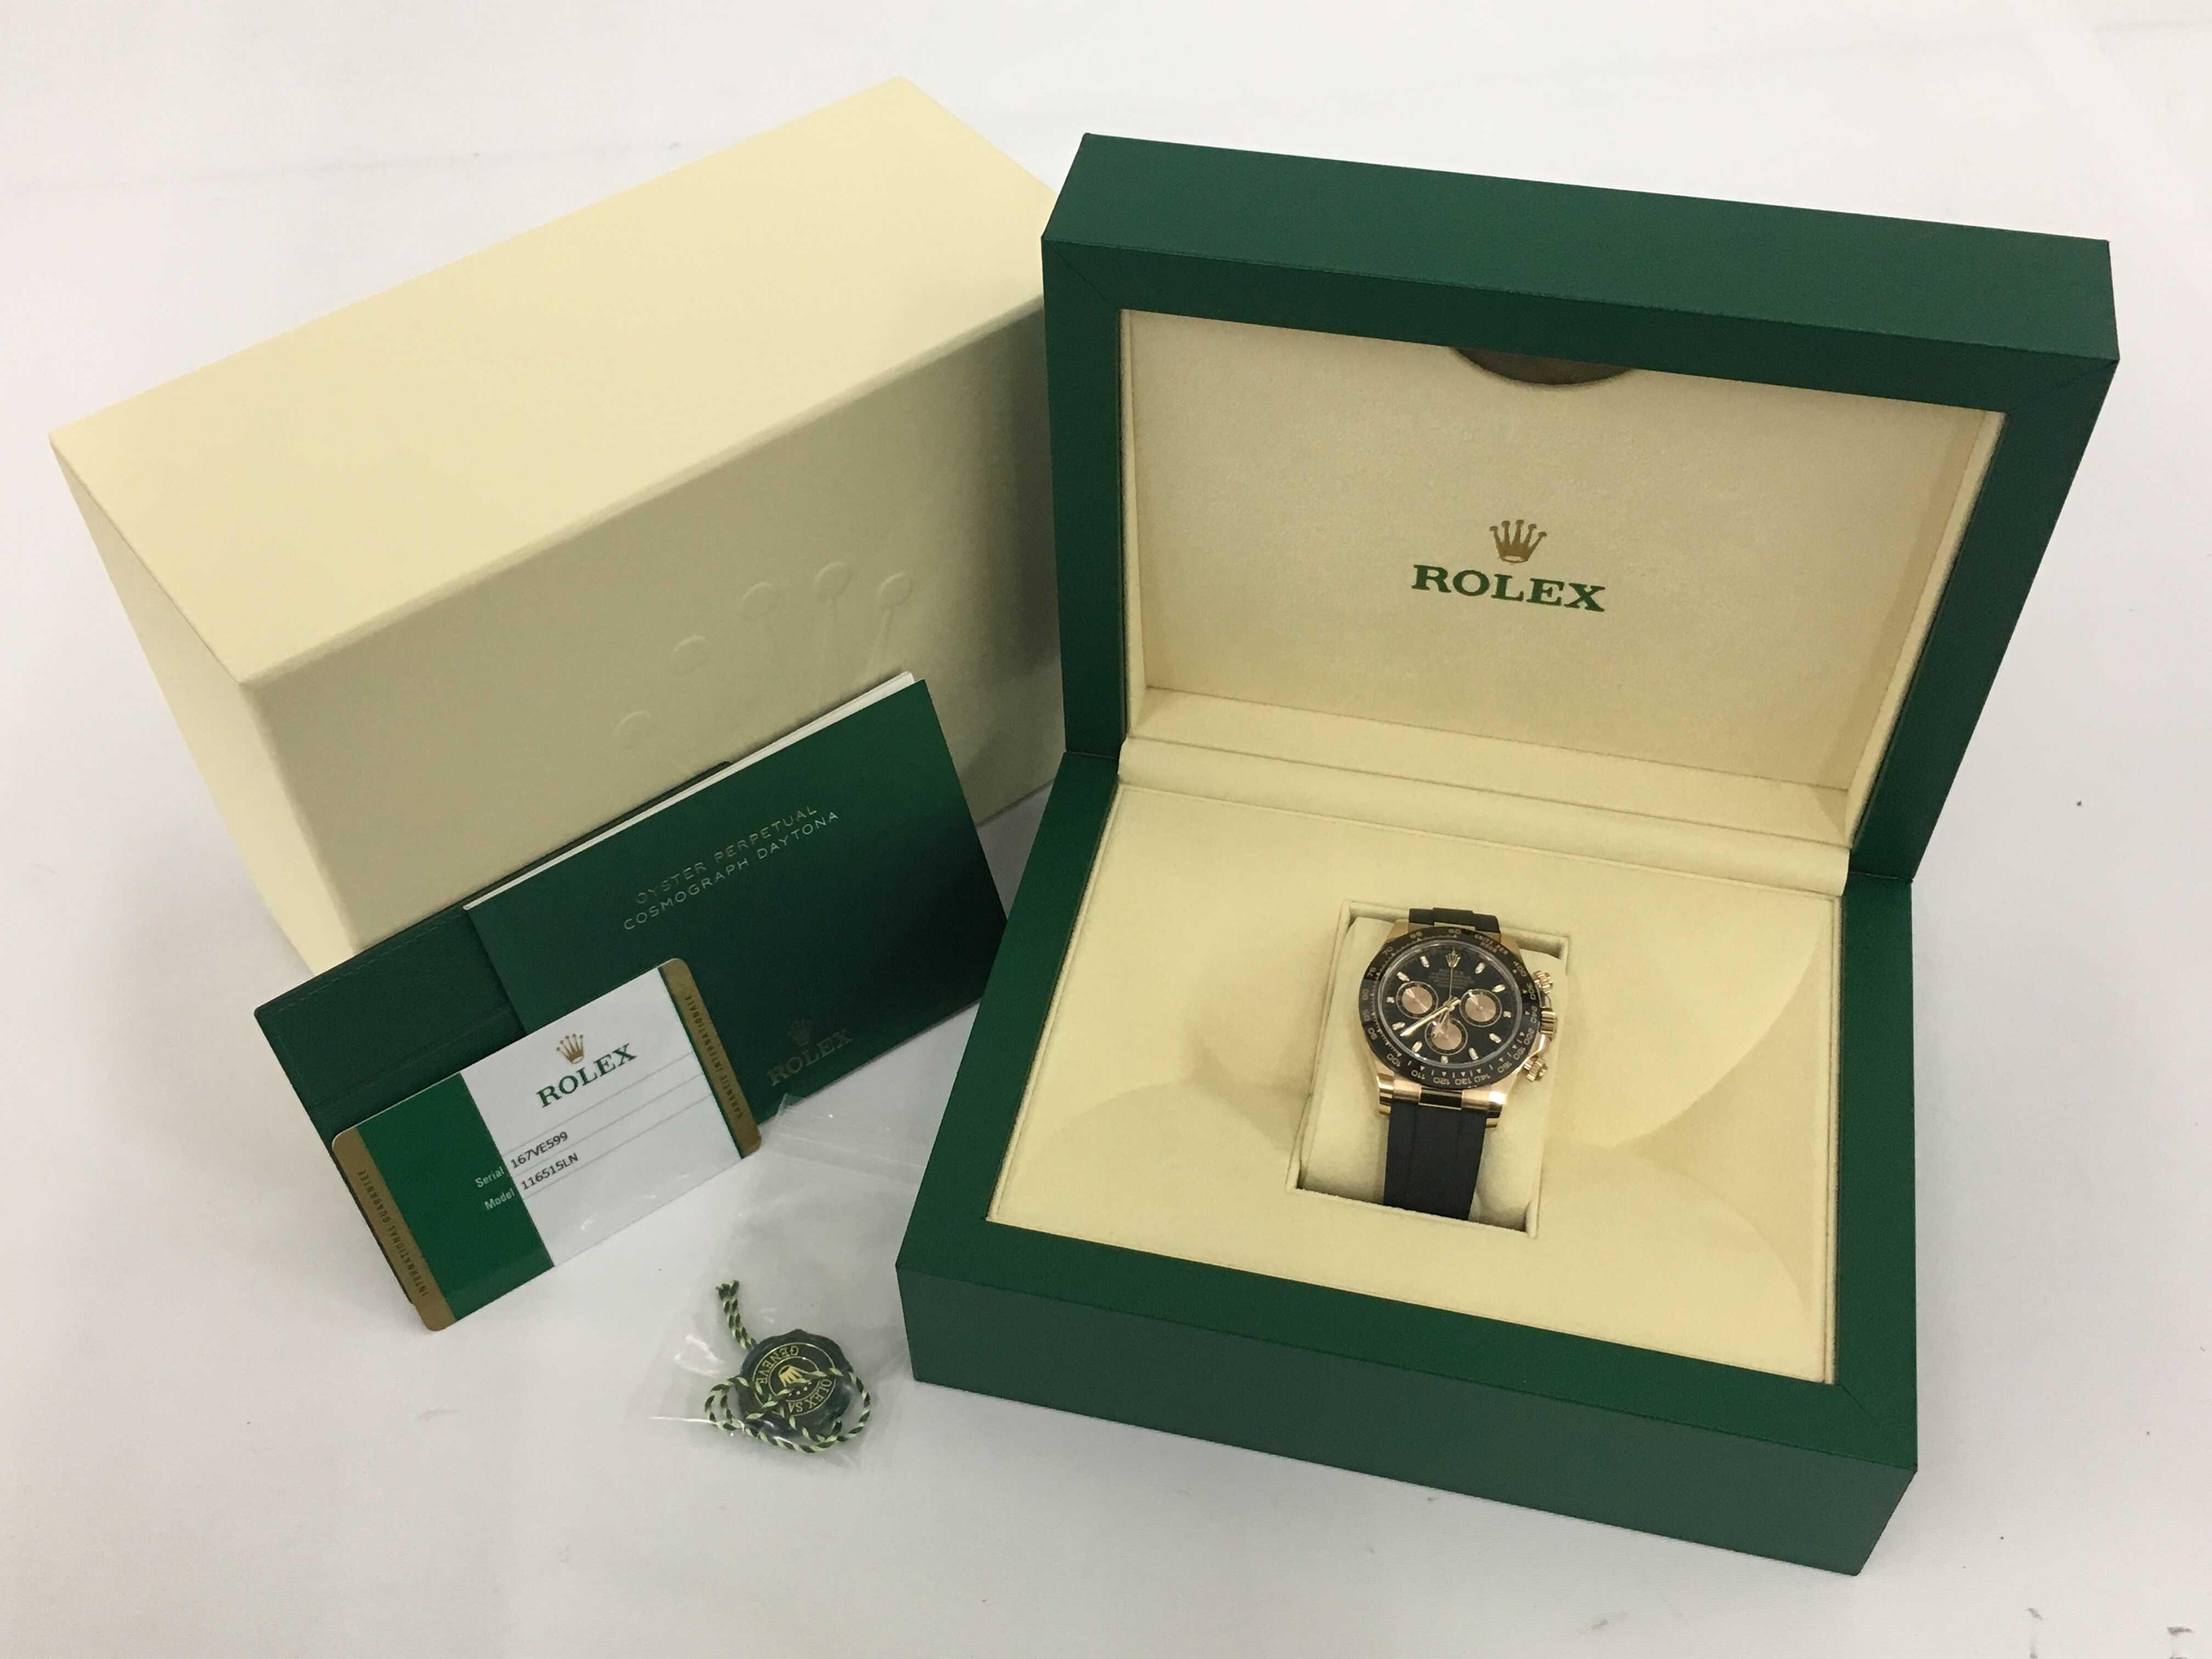 (1630_0295)ロレックス 116515LN 167VE599 メンズ腕時計